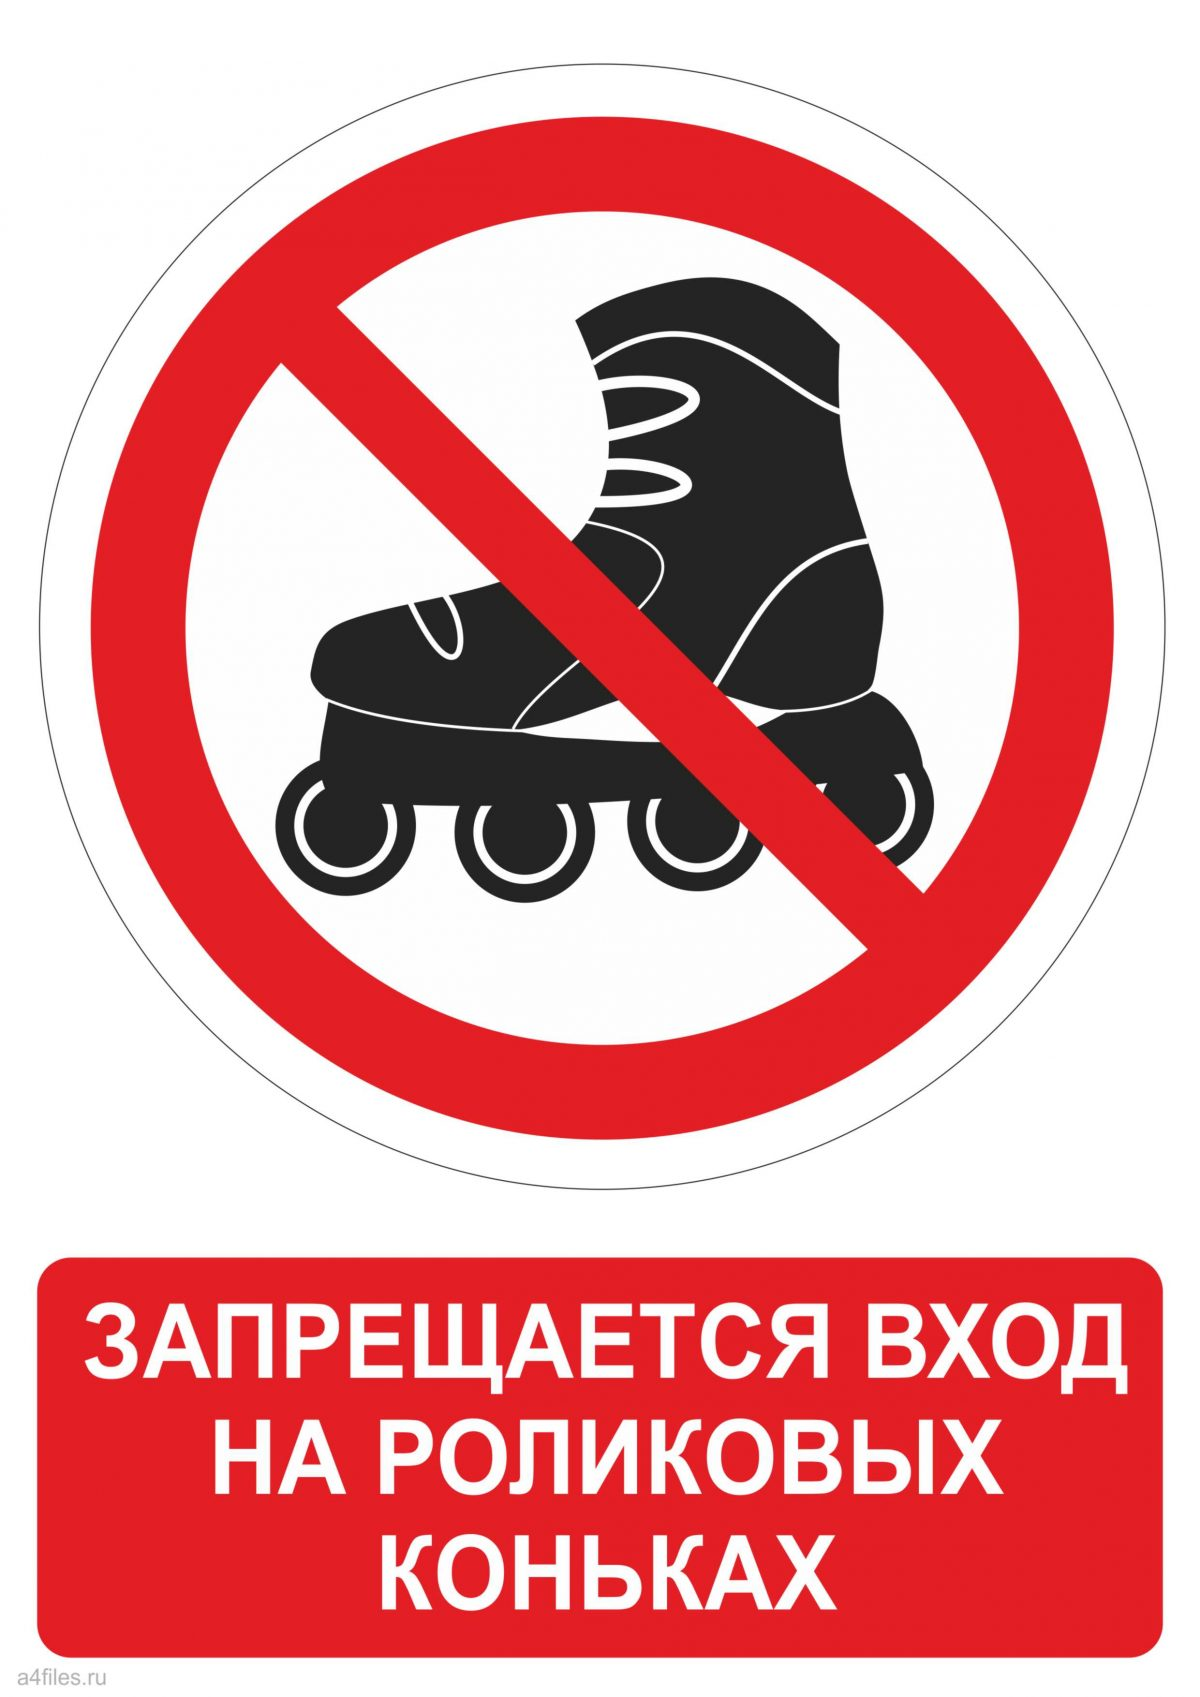 Знак запрещается вход в роликовых коньках распечатать